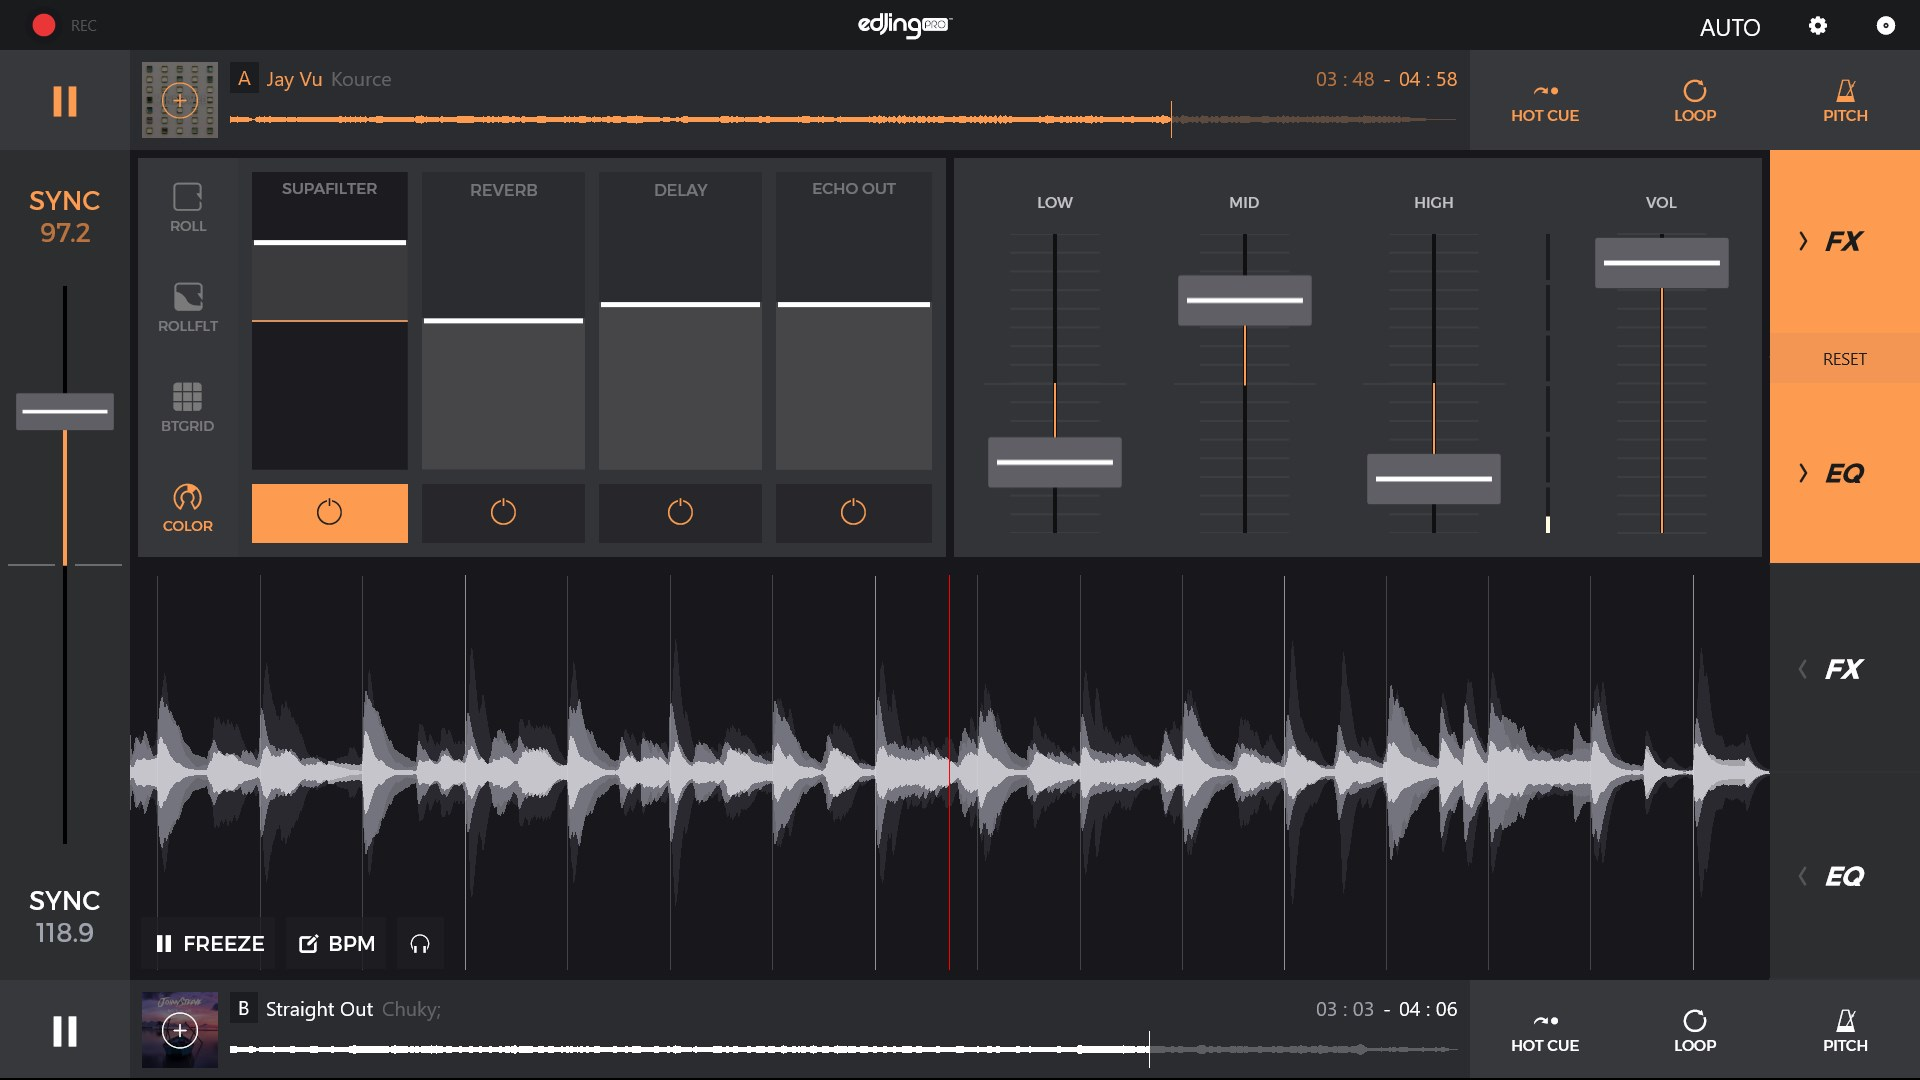 edjing pro le music dj mixer